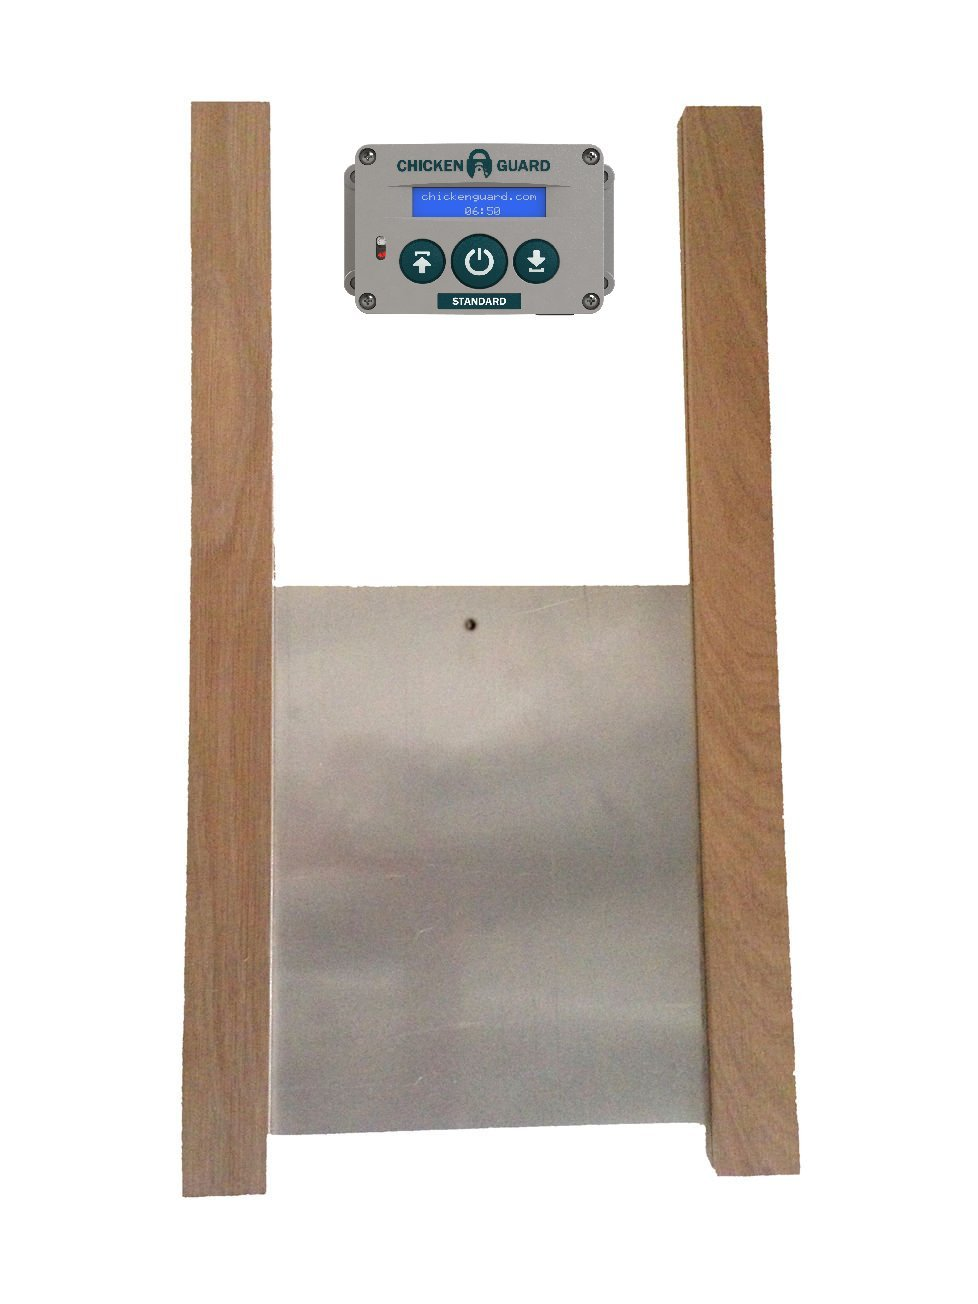 Standard Automatic Chicken Coop Pop Door Opener Door Kit Combo Outdoor Indoor Auto Door Opener, Chicken Coop Accessories by ChickenGuard